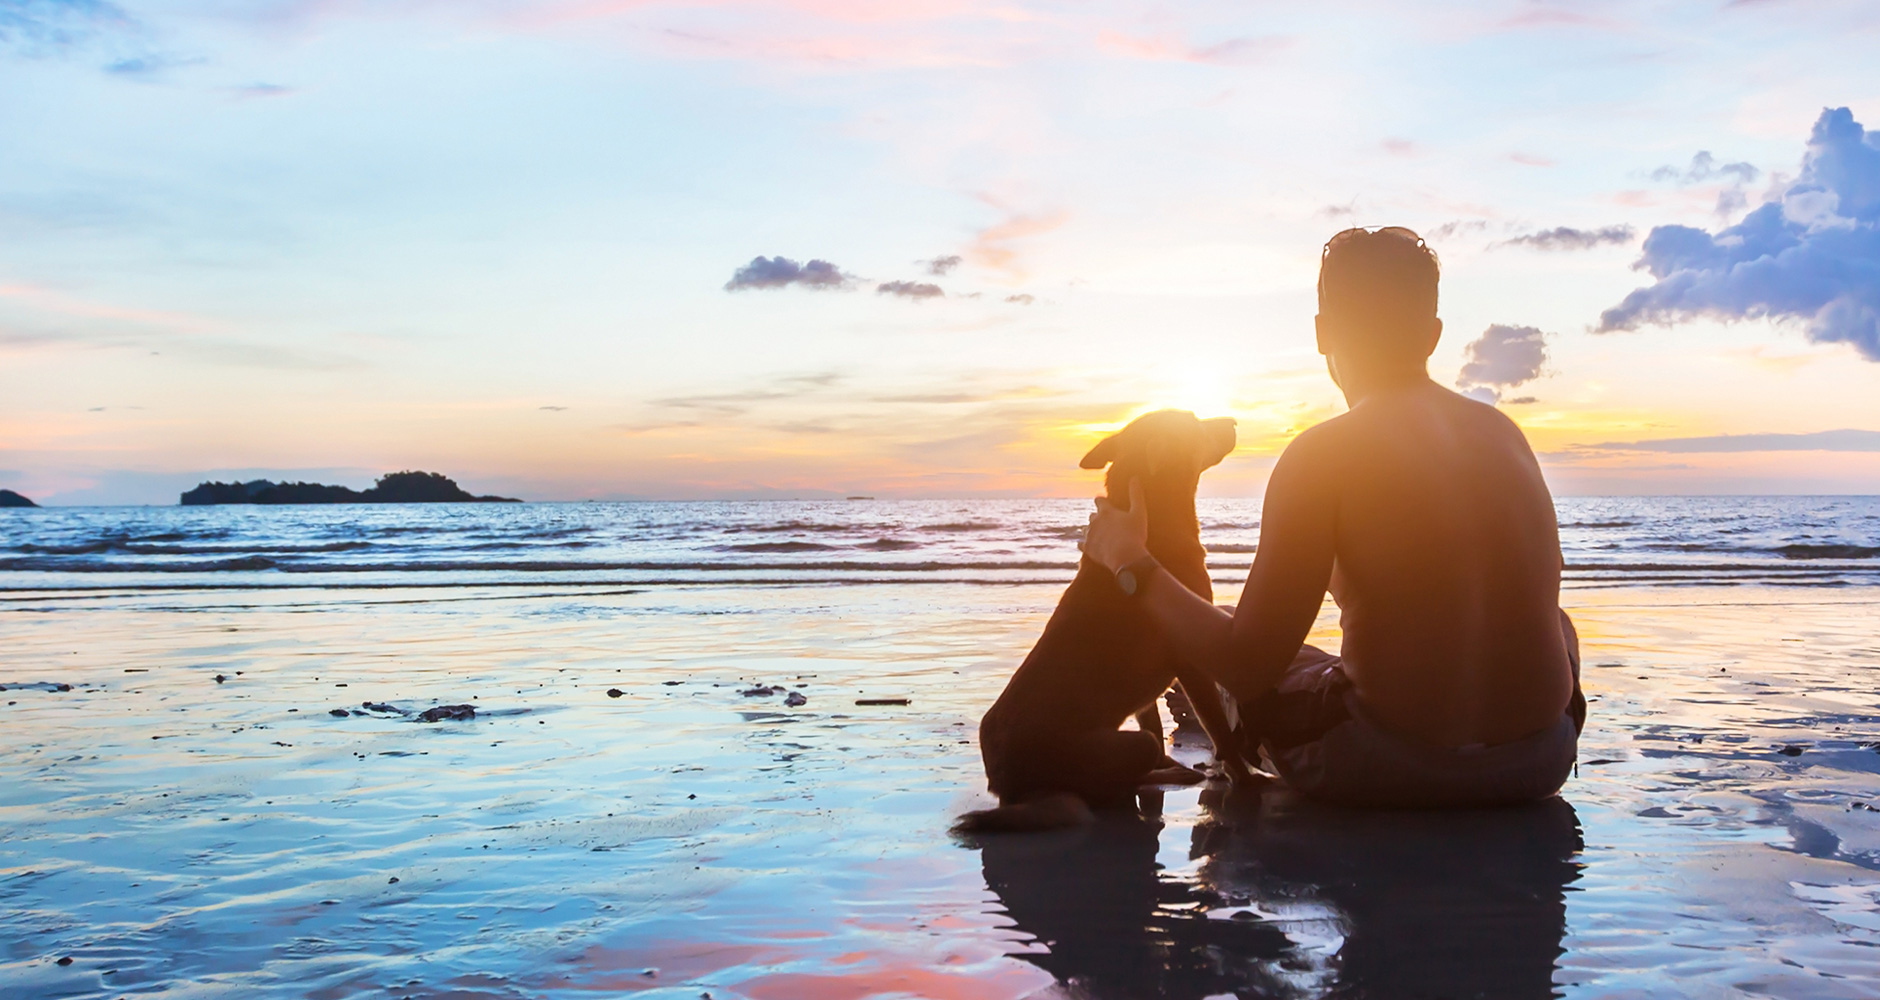 Người yêu không có nhưng chó thì phải có một con để cùng đi tắm biển mùa hè